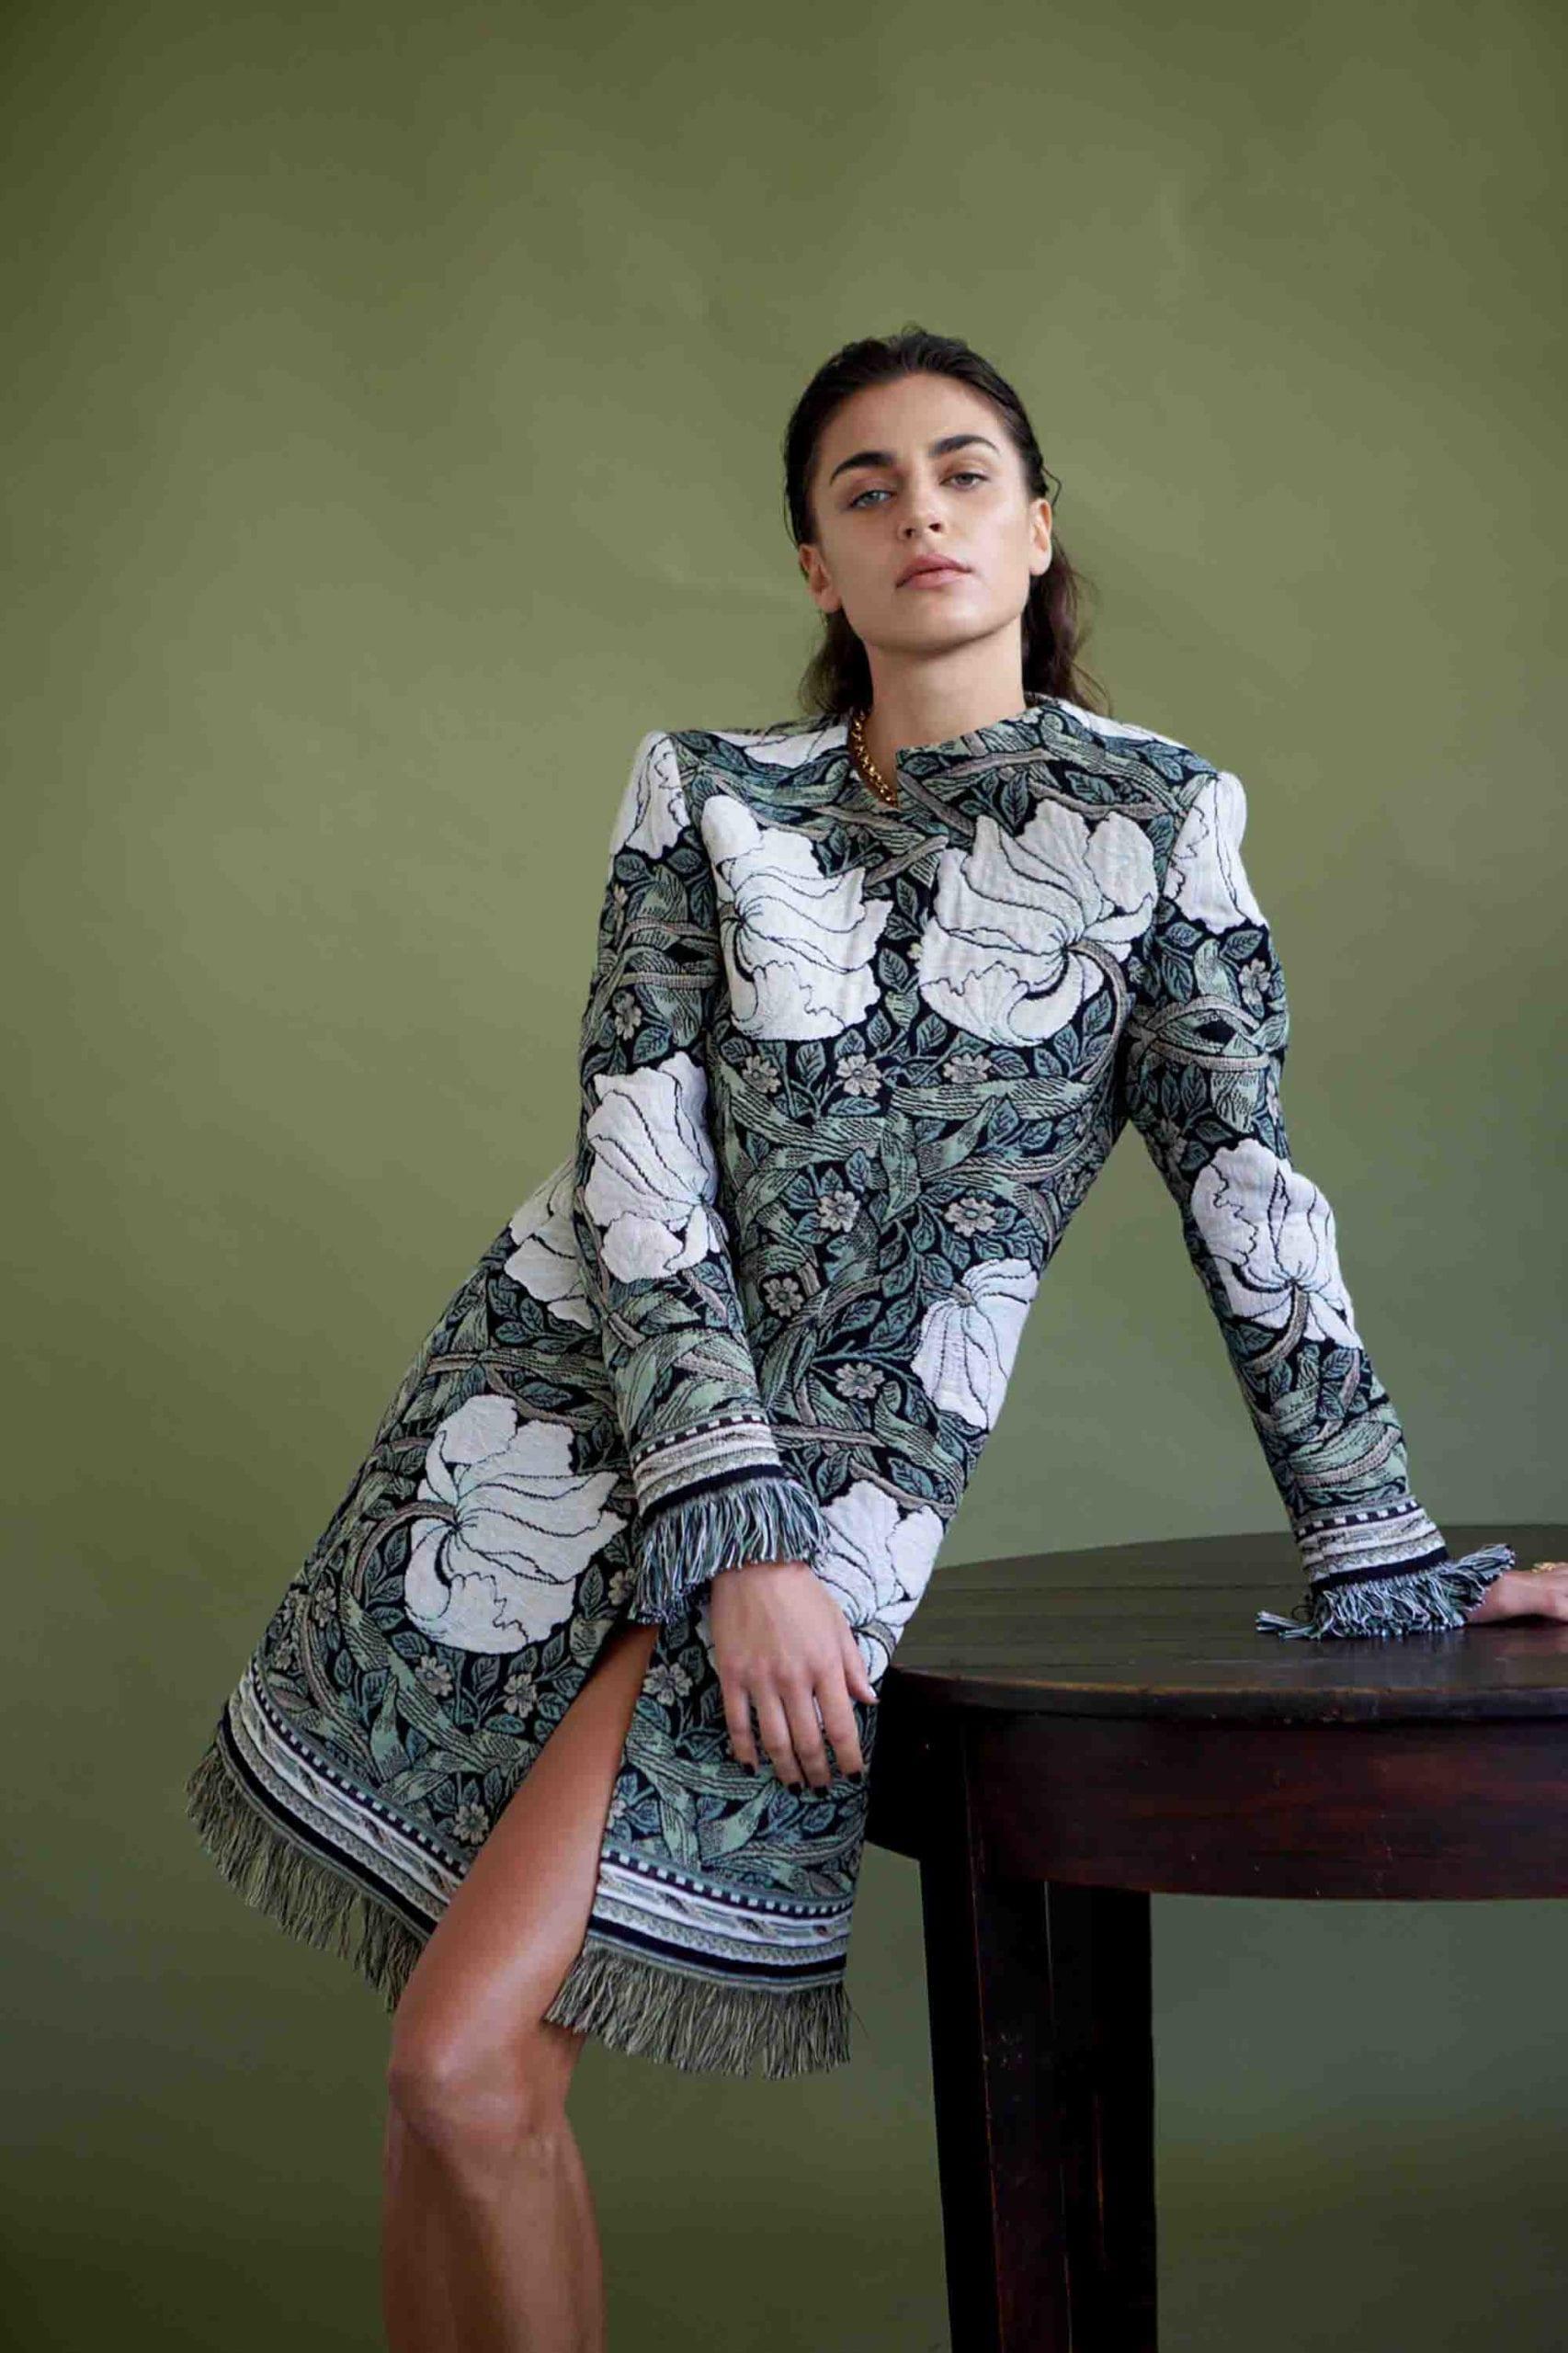 קובי גולן, Kobi Golan, מעצב אופנה, קולקציית אופנה 2020, מגזין אופנה, כתבות אופנה, הילה שייר, אופנה, מגזין אופנה ישראלי -17